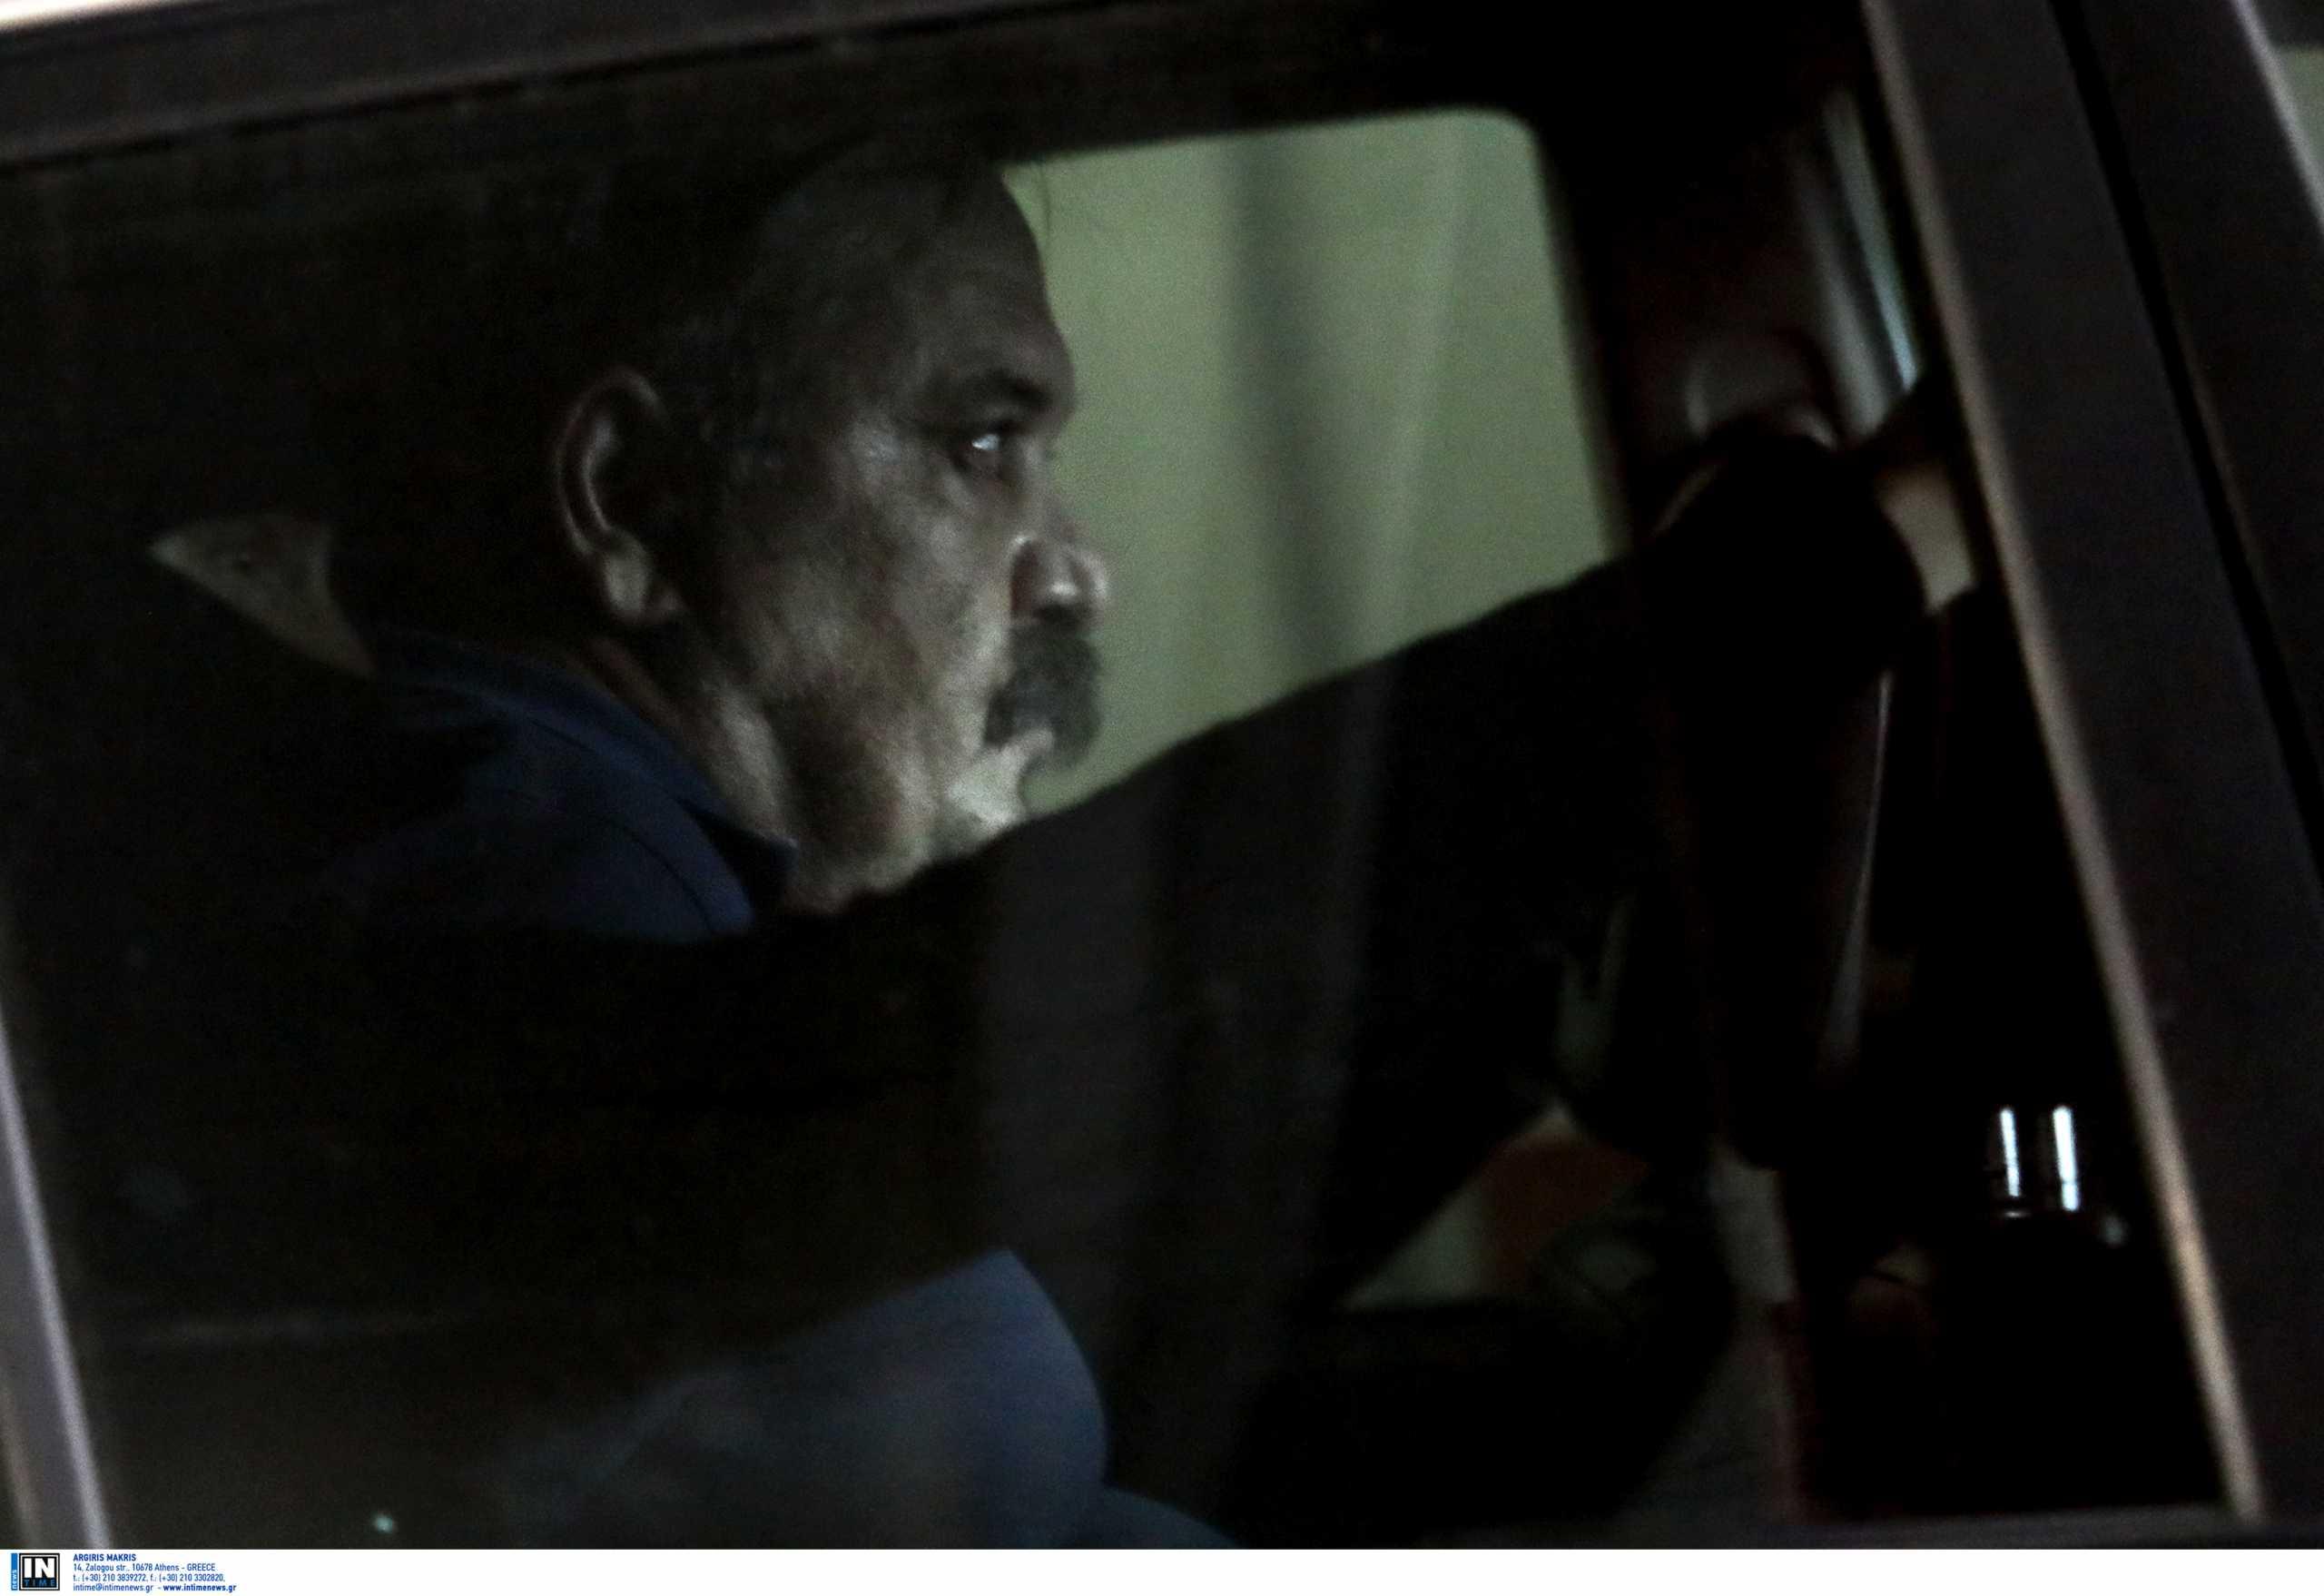 Χρήστος Παππάς: Αυτό ήταν το σχέδιο διαφυγής του στο εξωτερικό